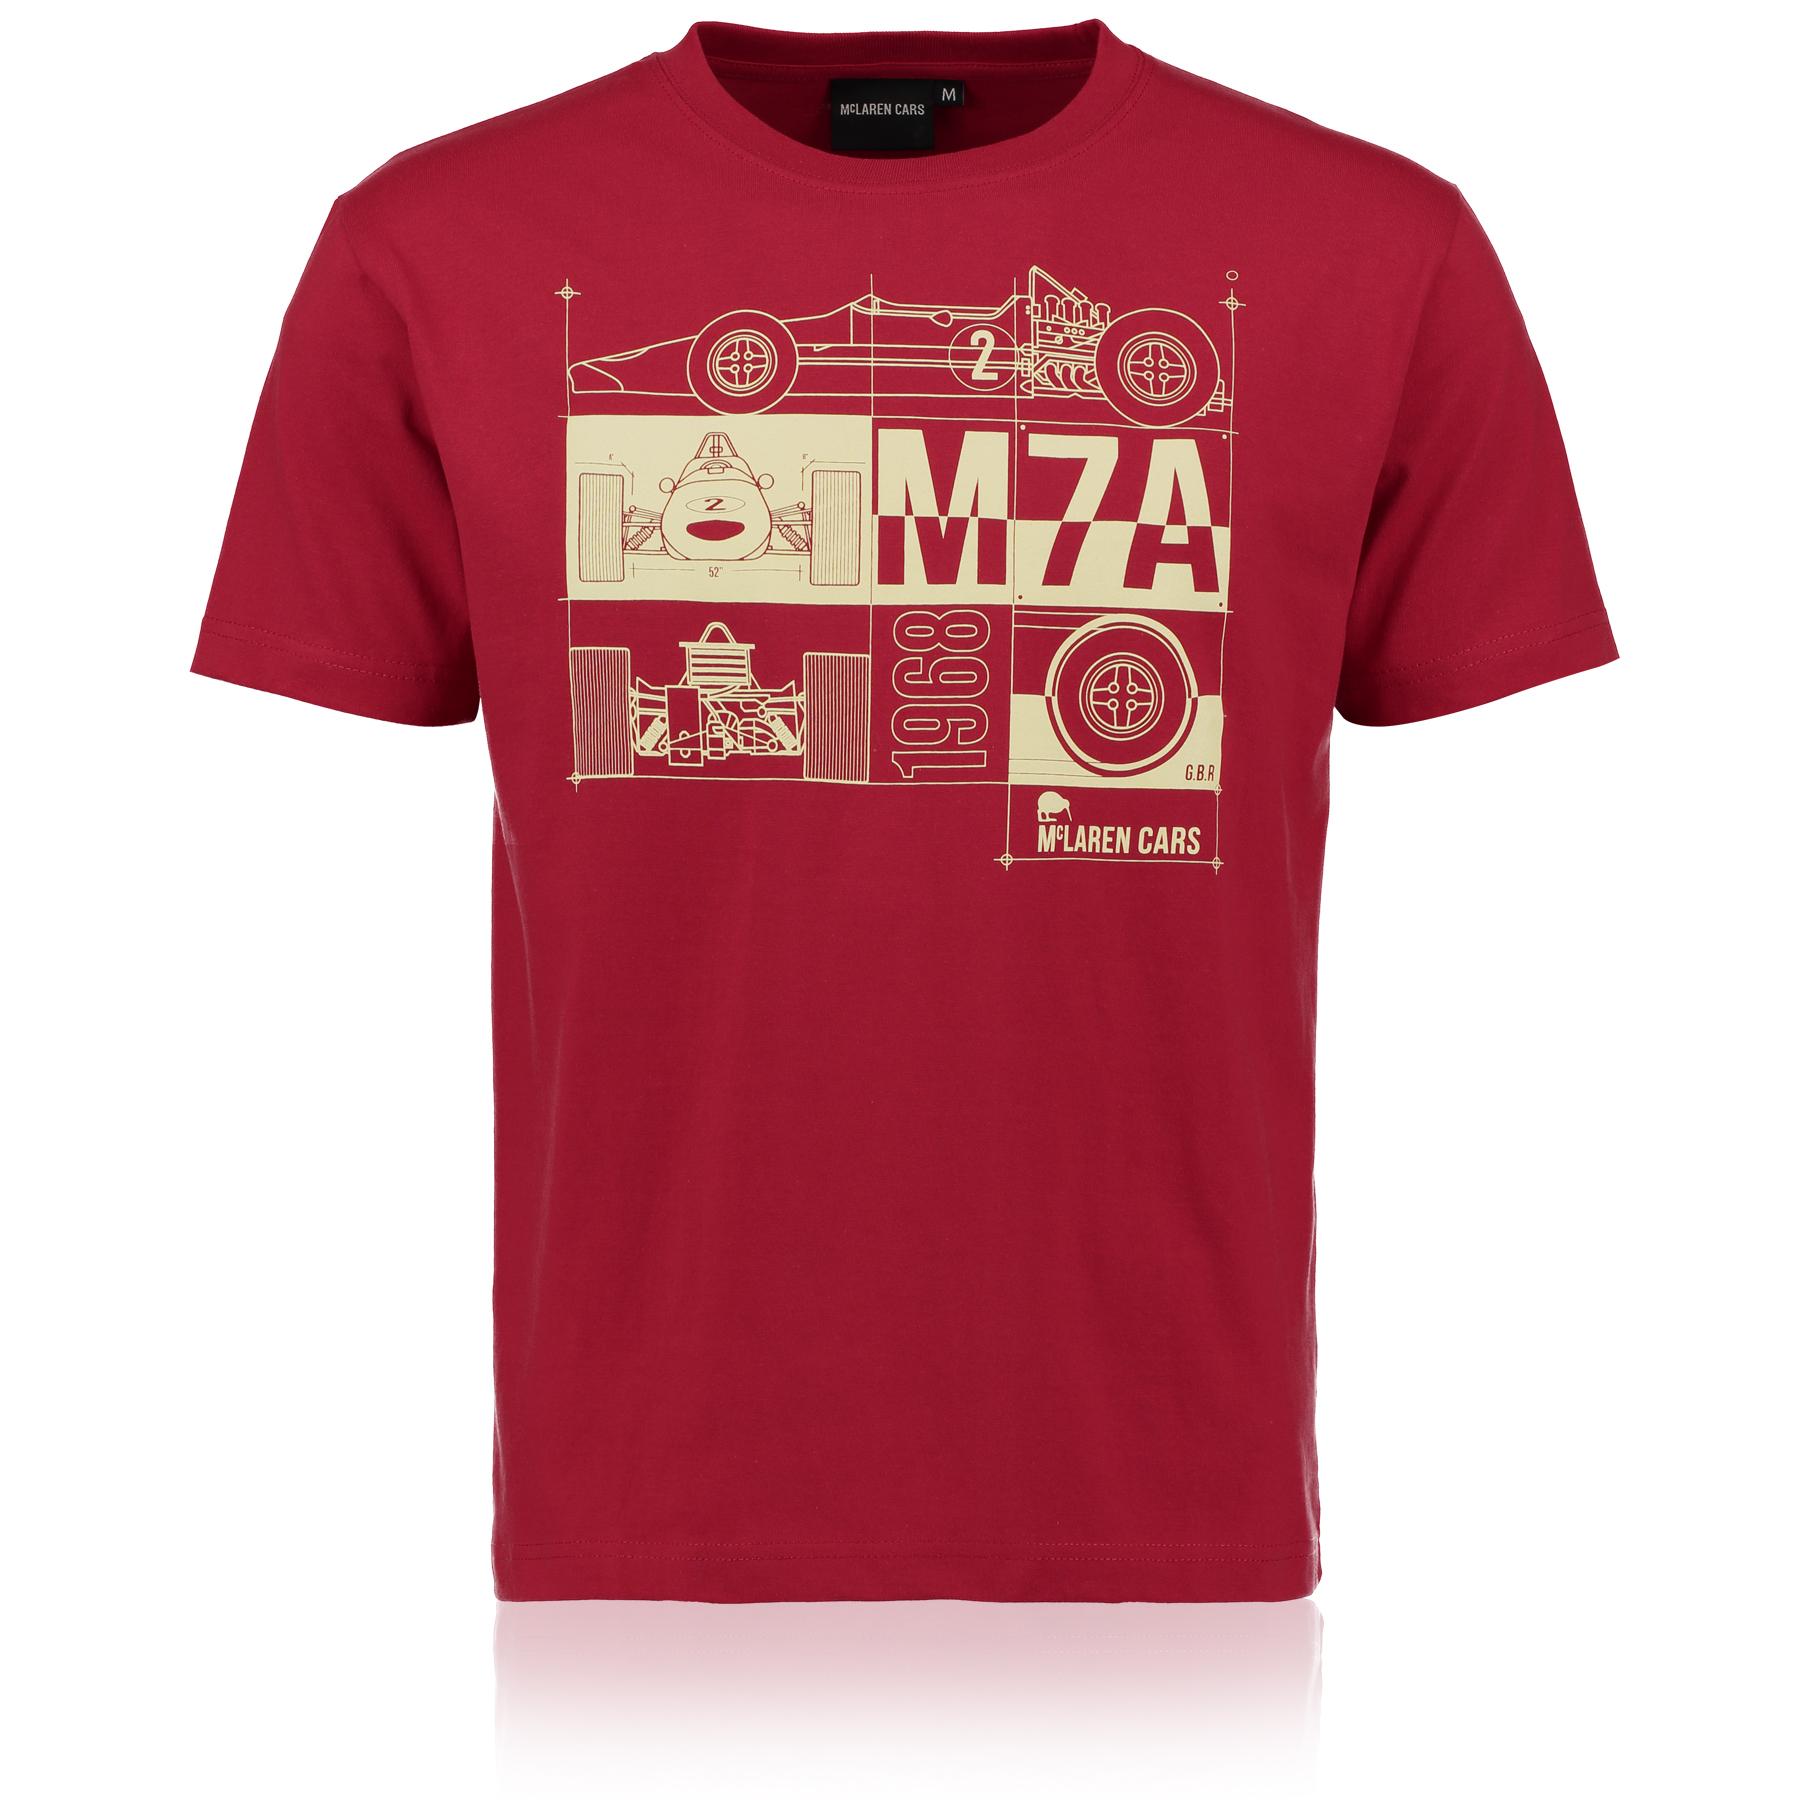 McLaren M7A T-Shirt Red